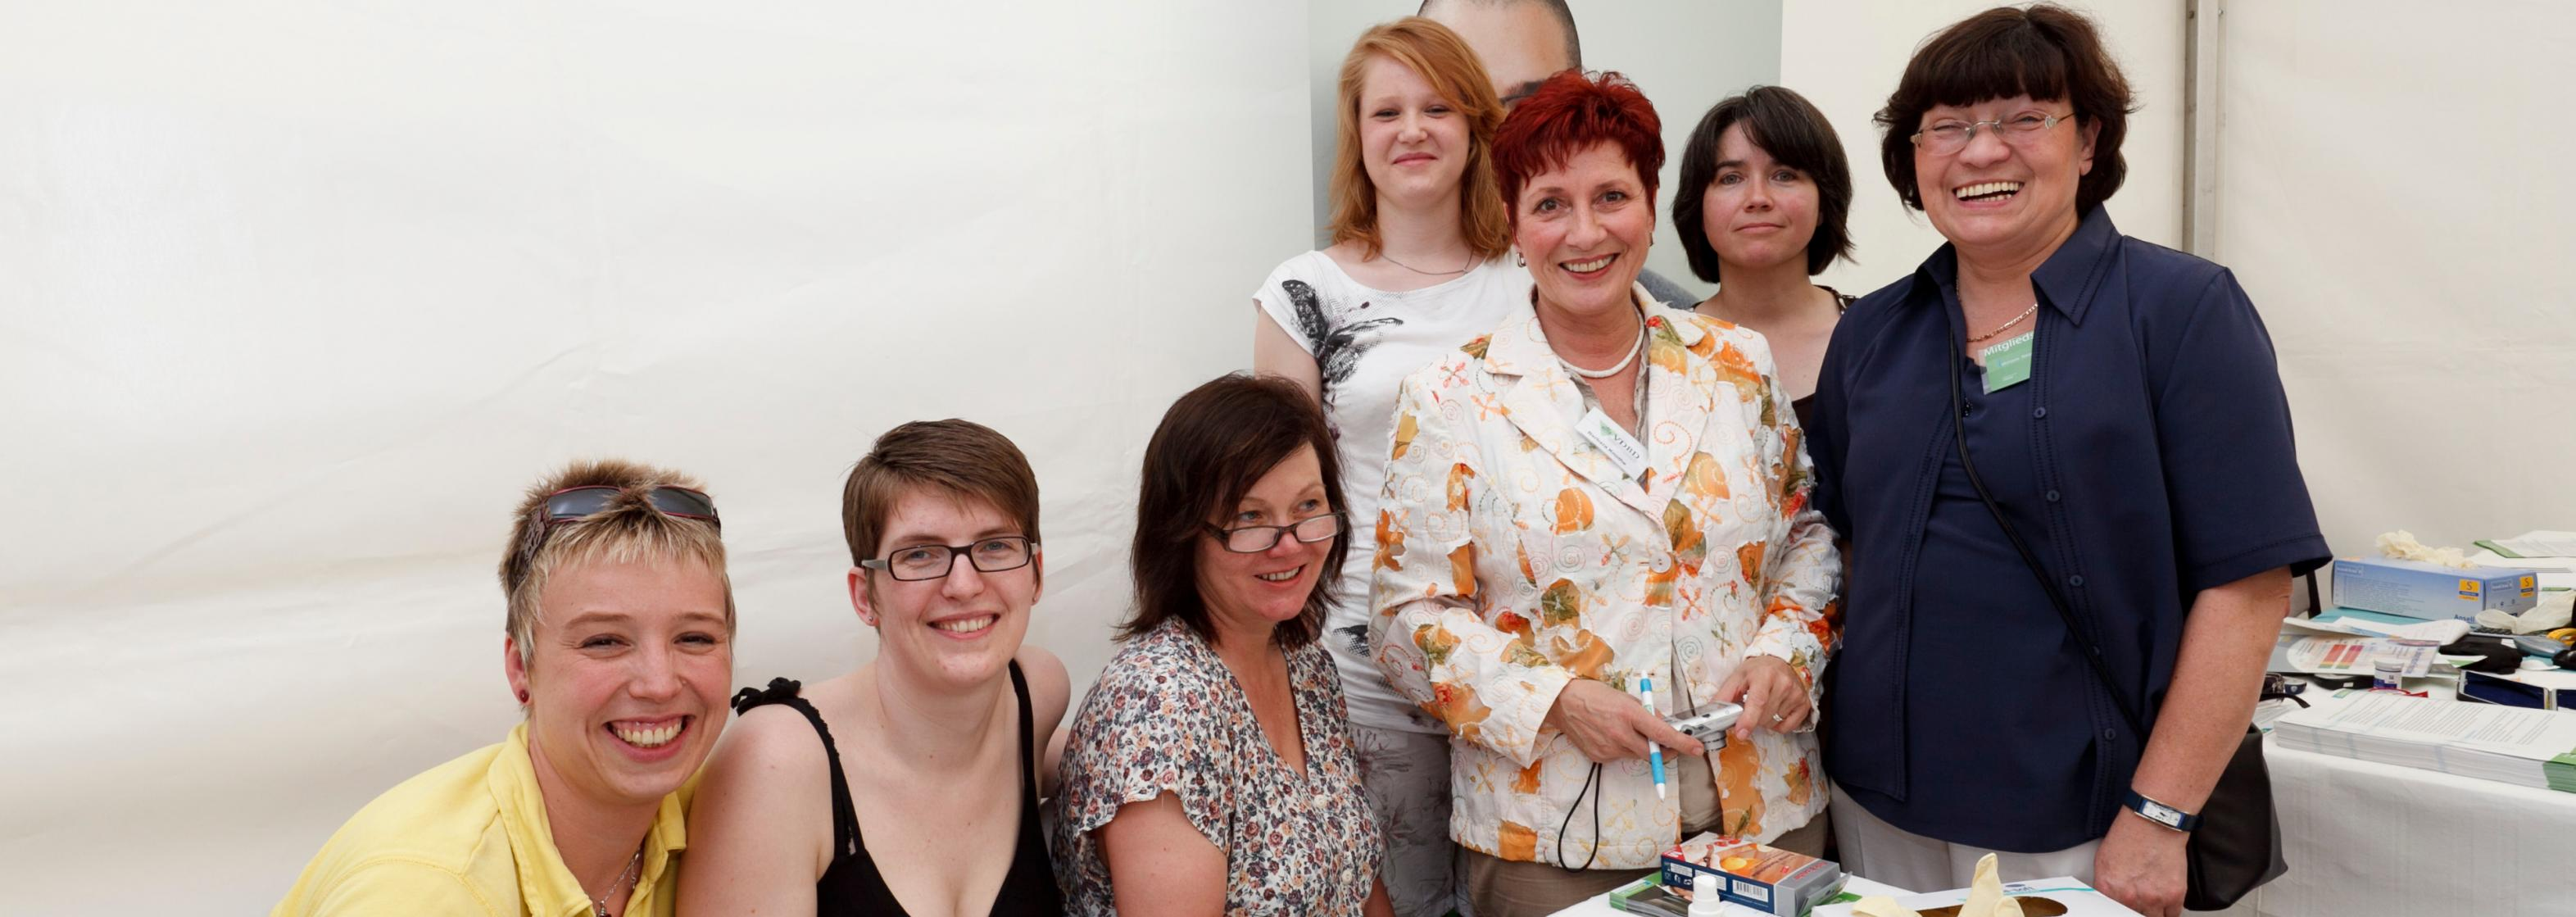 Blutzuckermessaktion mit Eckart von Hirschhausen, 9.6.2010, Berlin – das Team der Diabetesberaterinnen um Michaela Berger (Stellvertretende Vorsitzende diabetesDE, rechts)